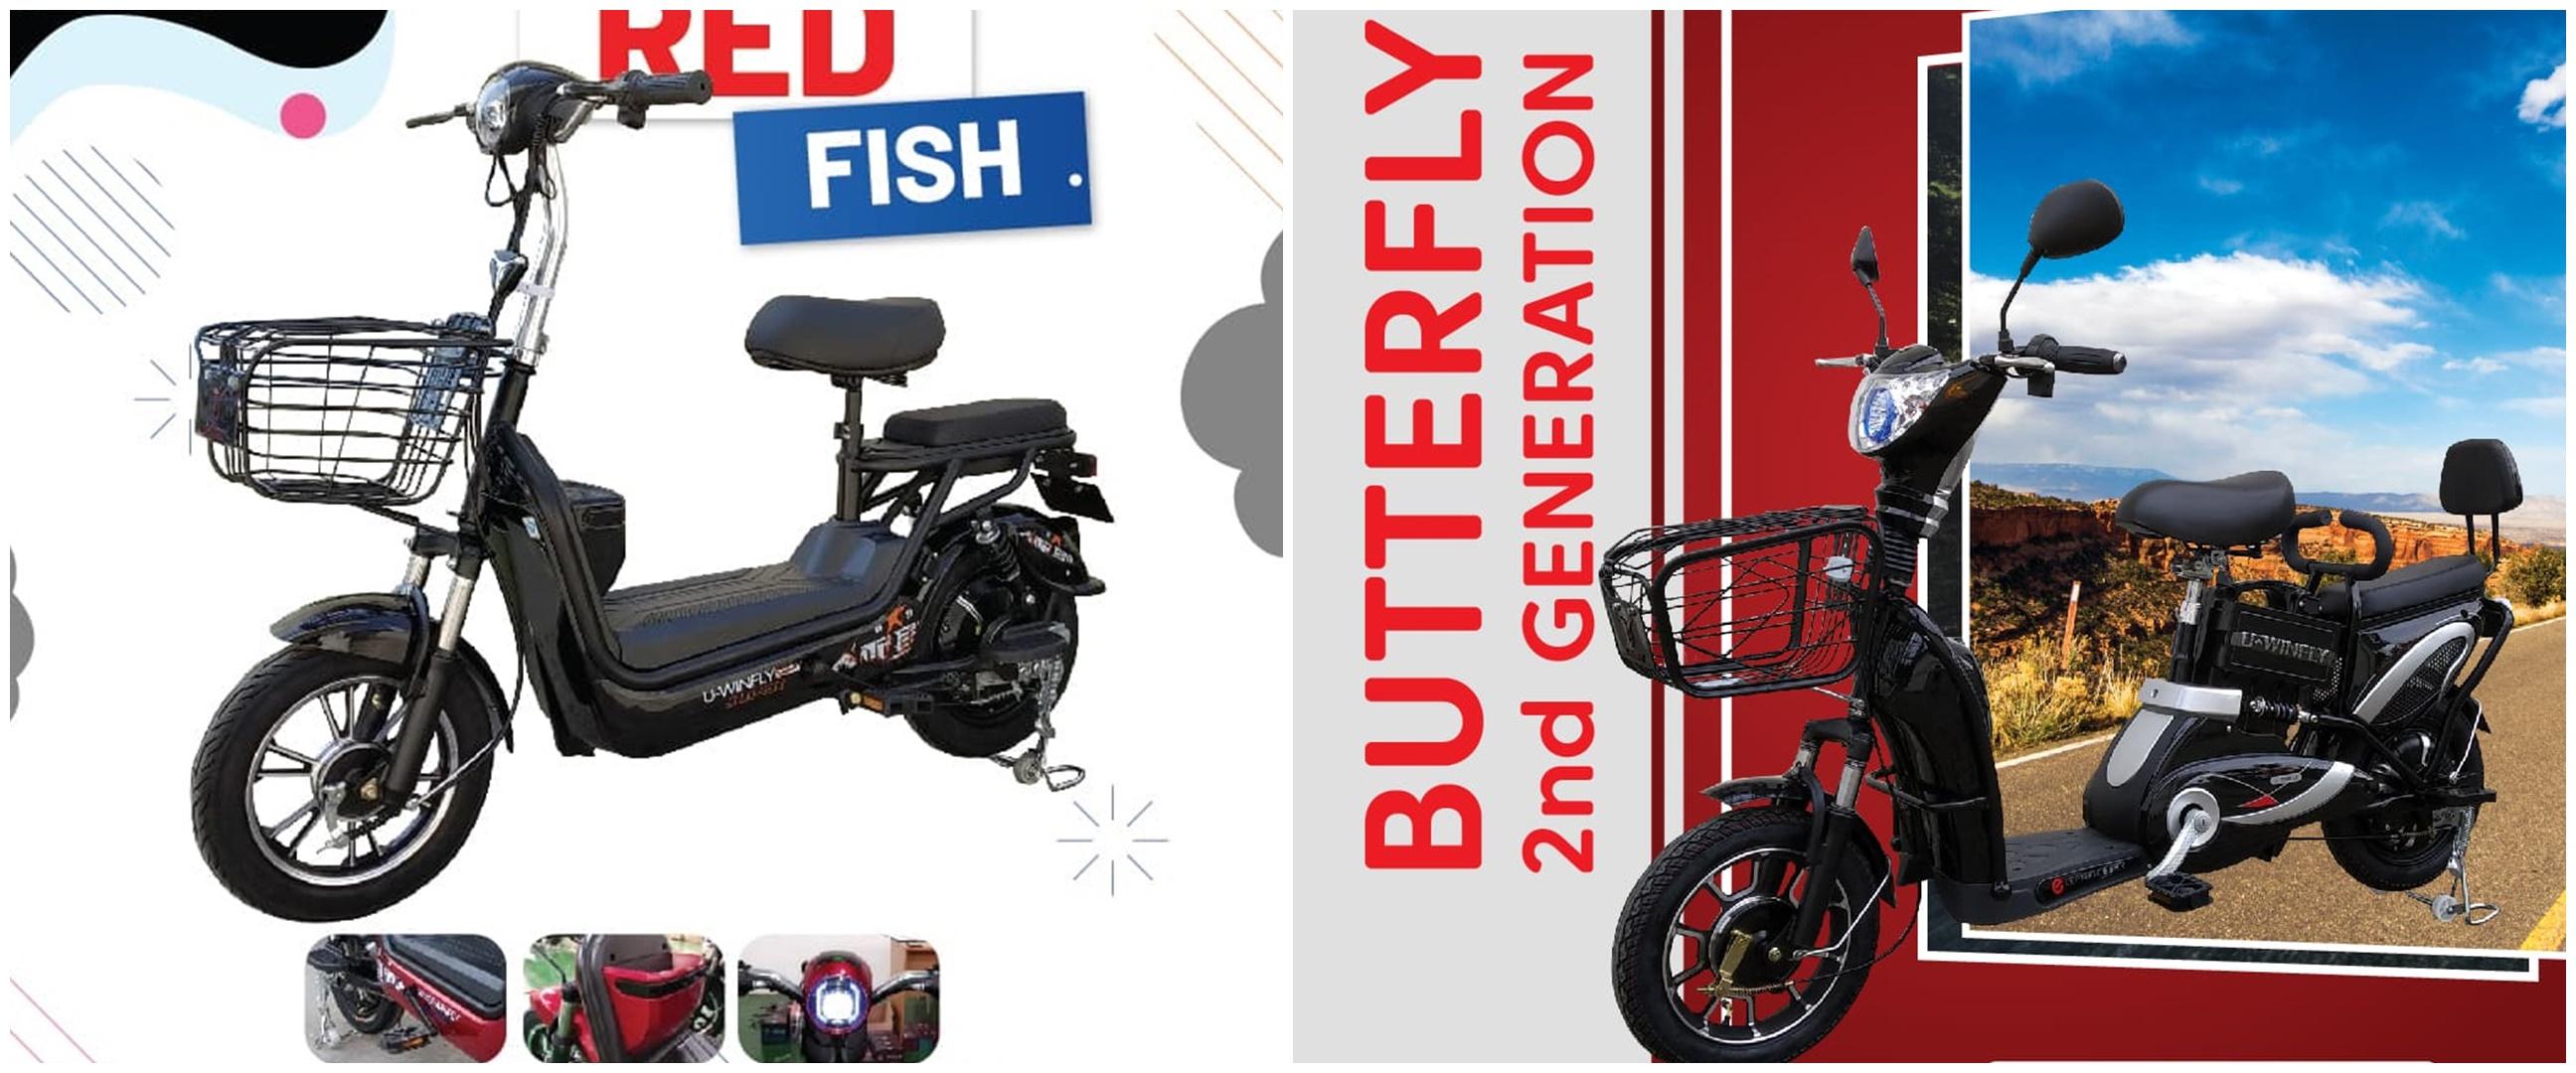 Harga sepeda listrik Uwinfly dan spesifikasinya, keren dan modern